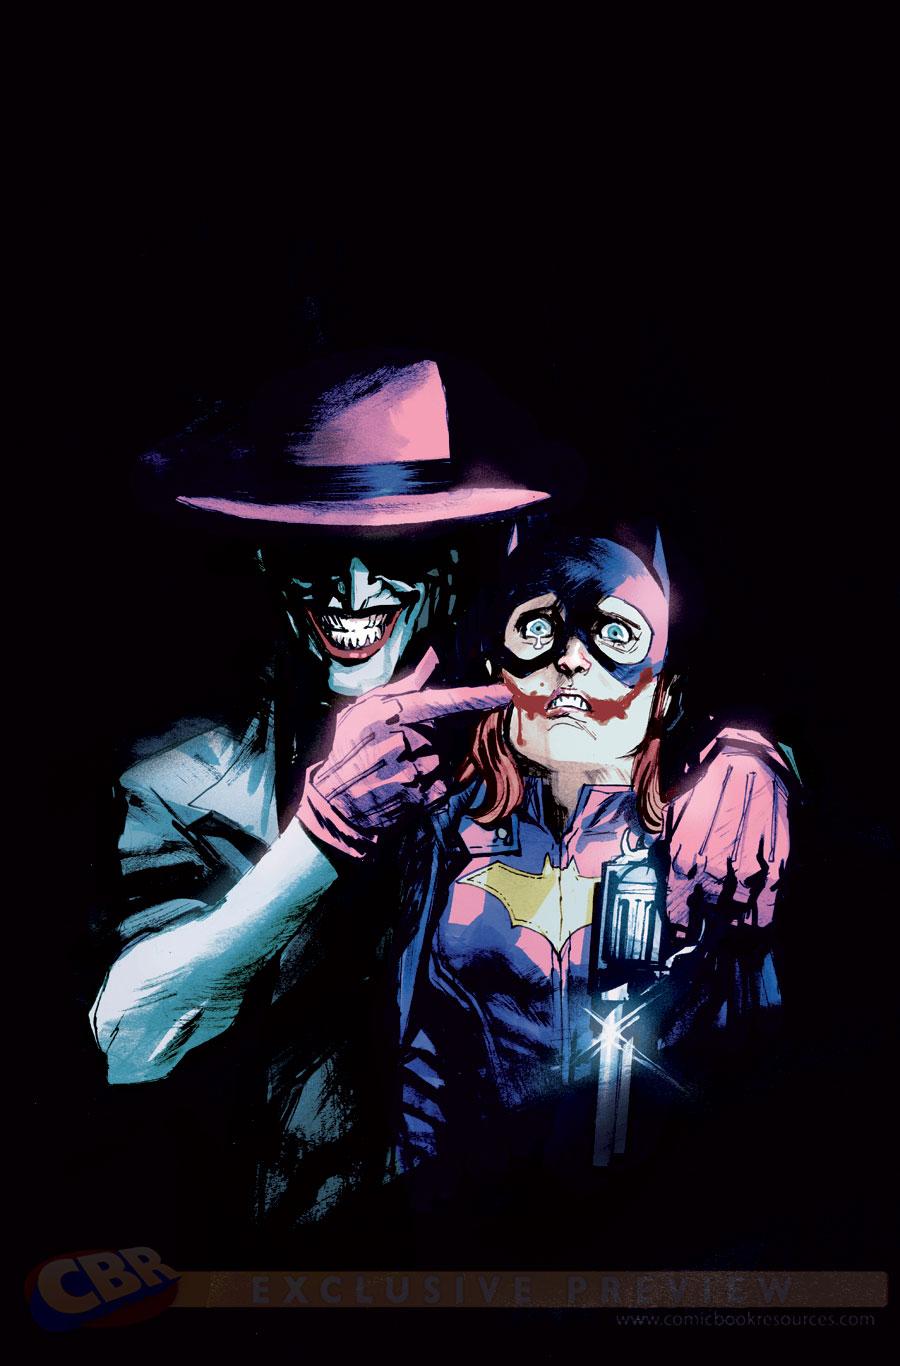 La variant cover di Joker e Batgirl di  Rafael Albuquerque